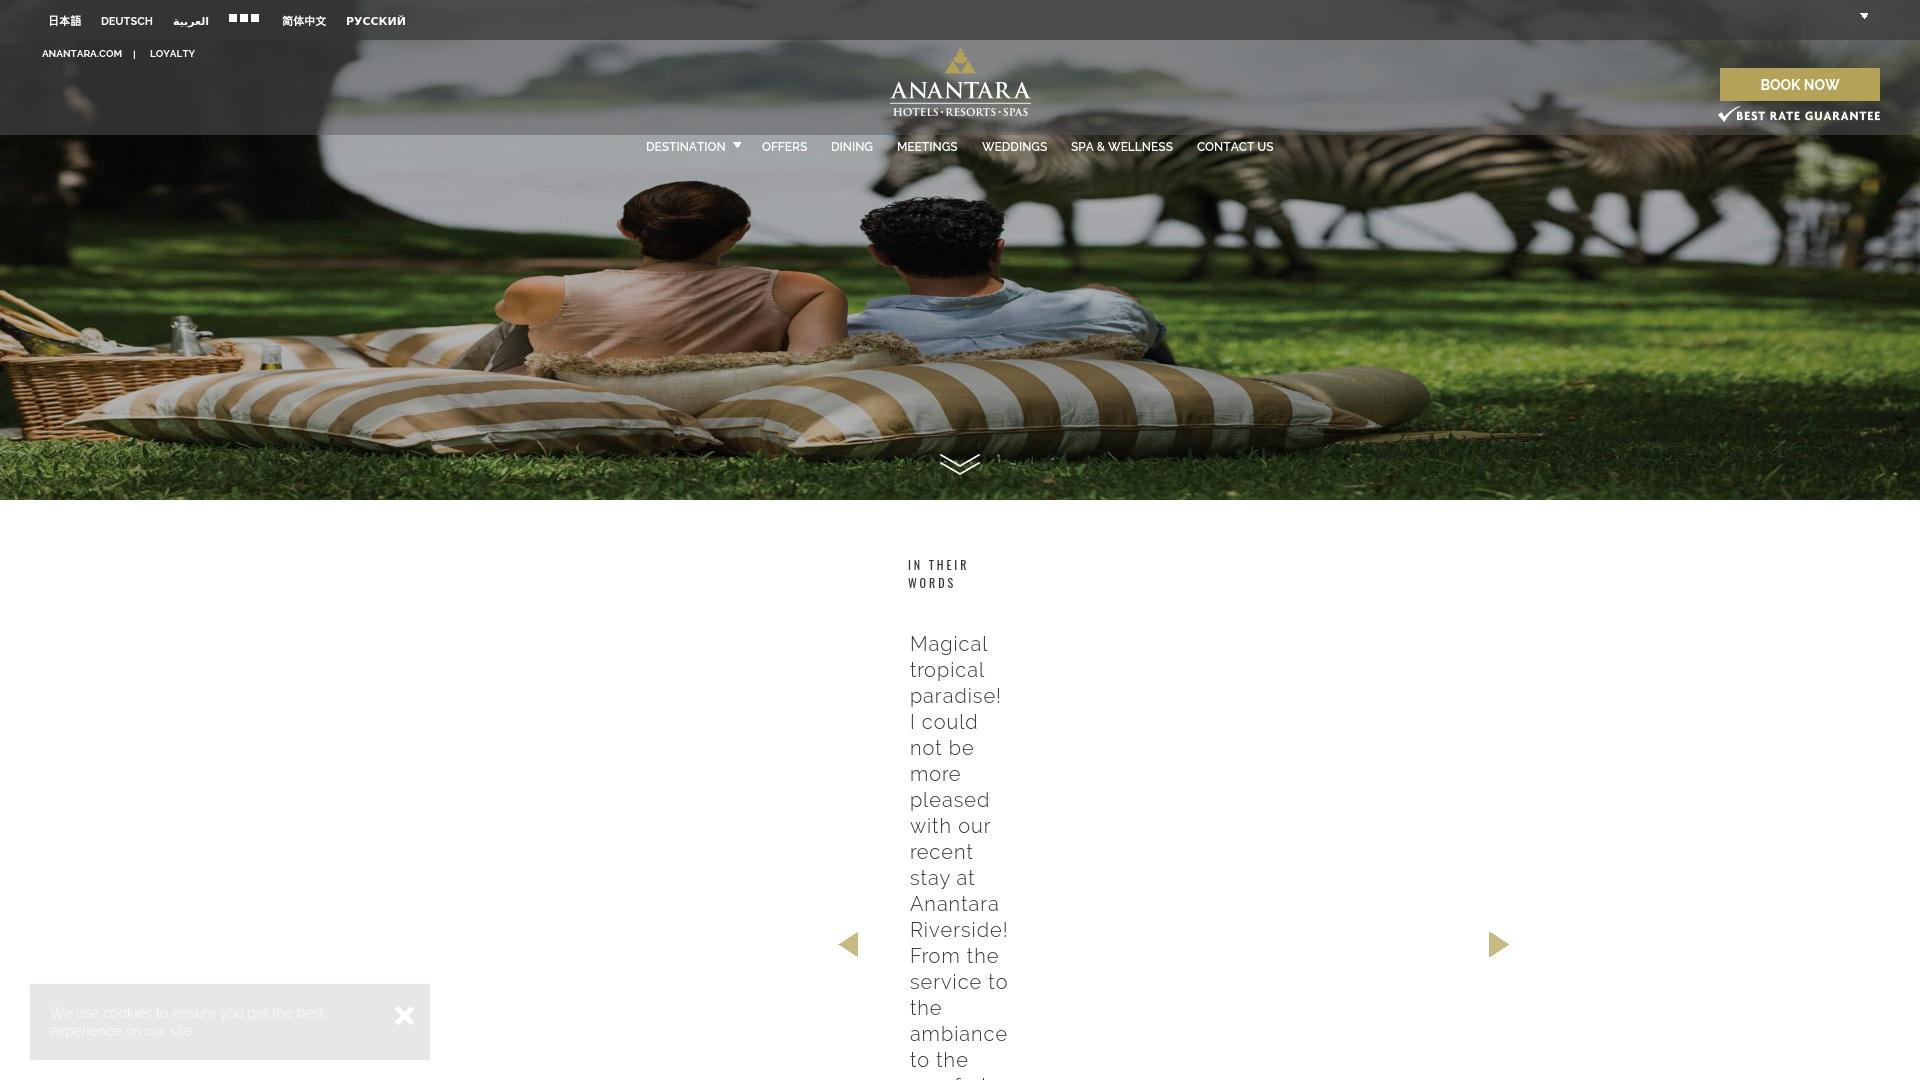 Gutschein für Anantara: Rabatte für  Anantara sichern